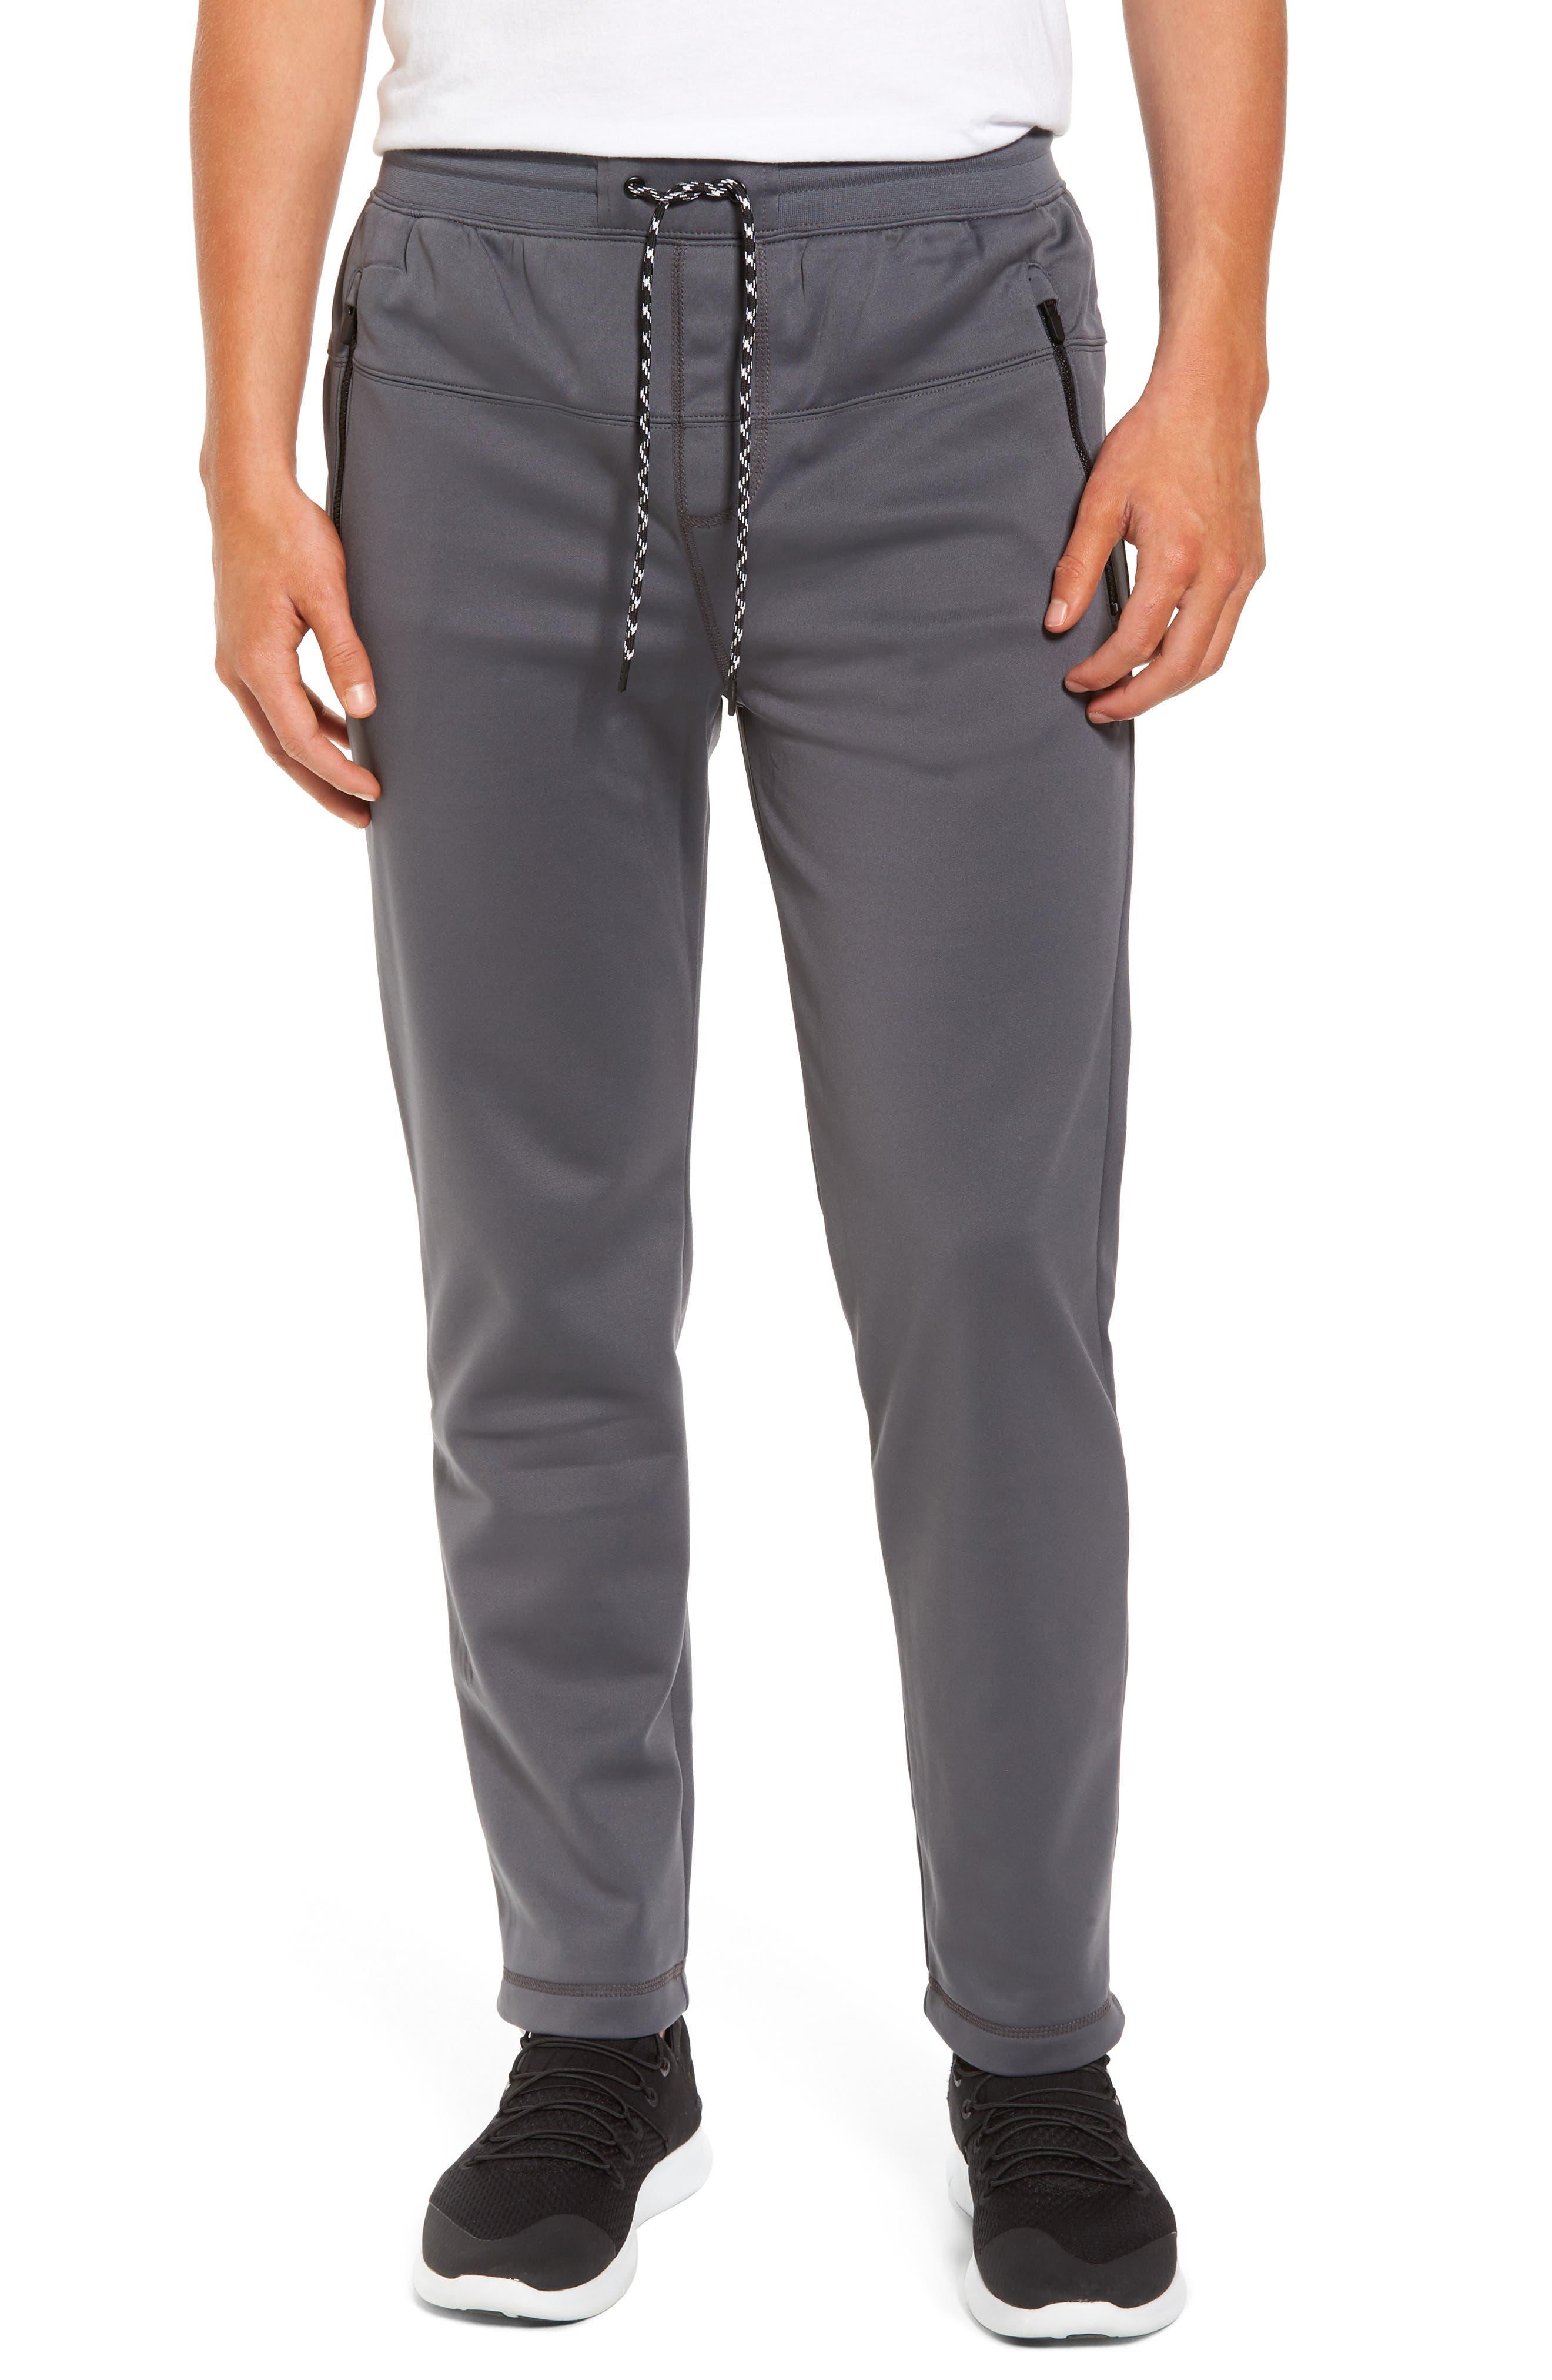 Hurley Therma Protect Pants